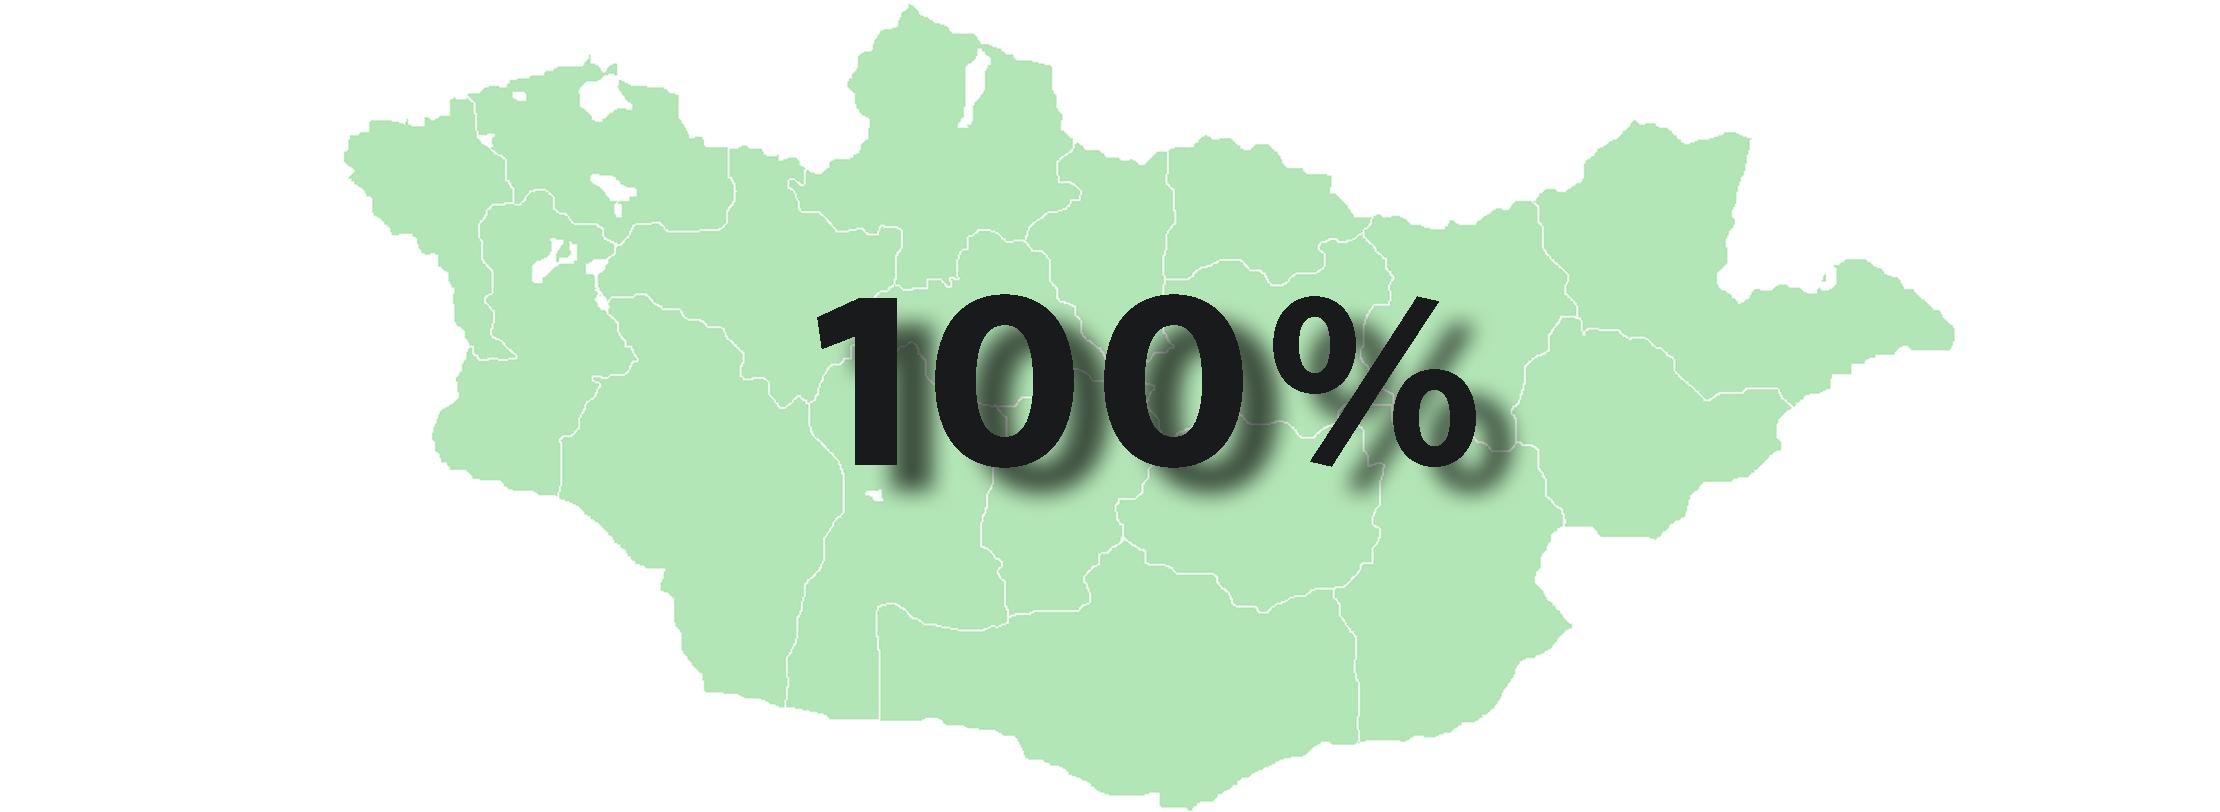 Mongolia hits 100% ROA coverage